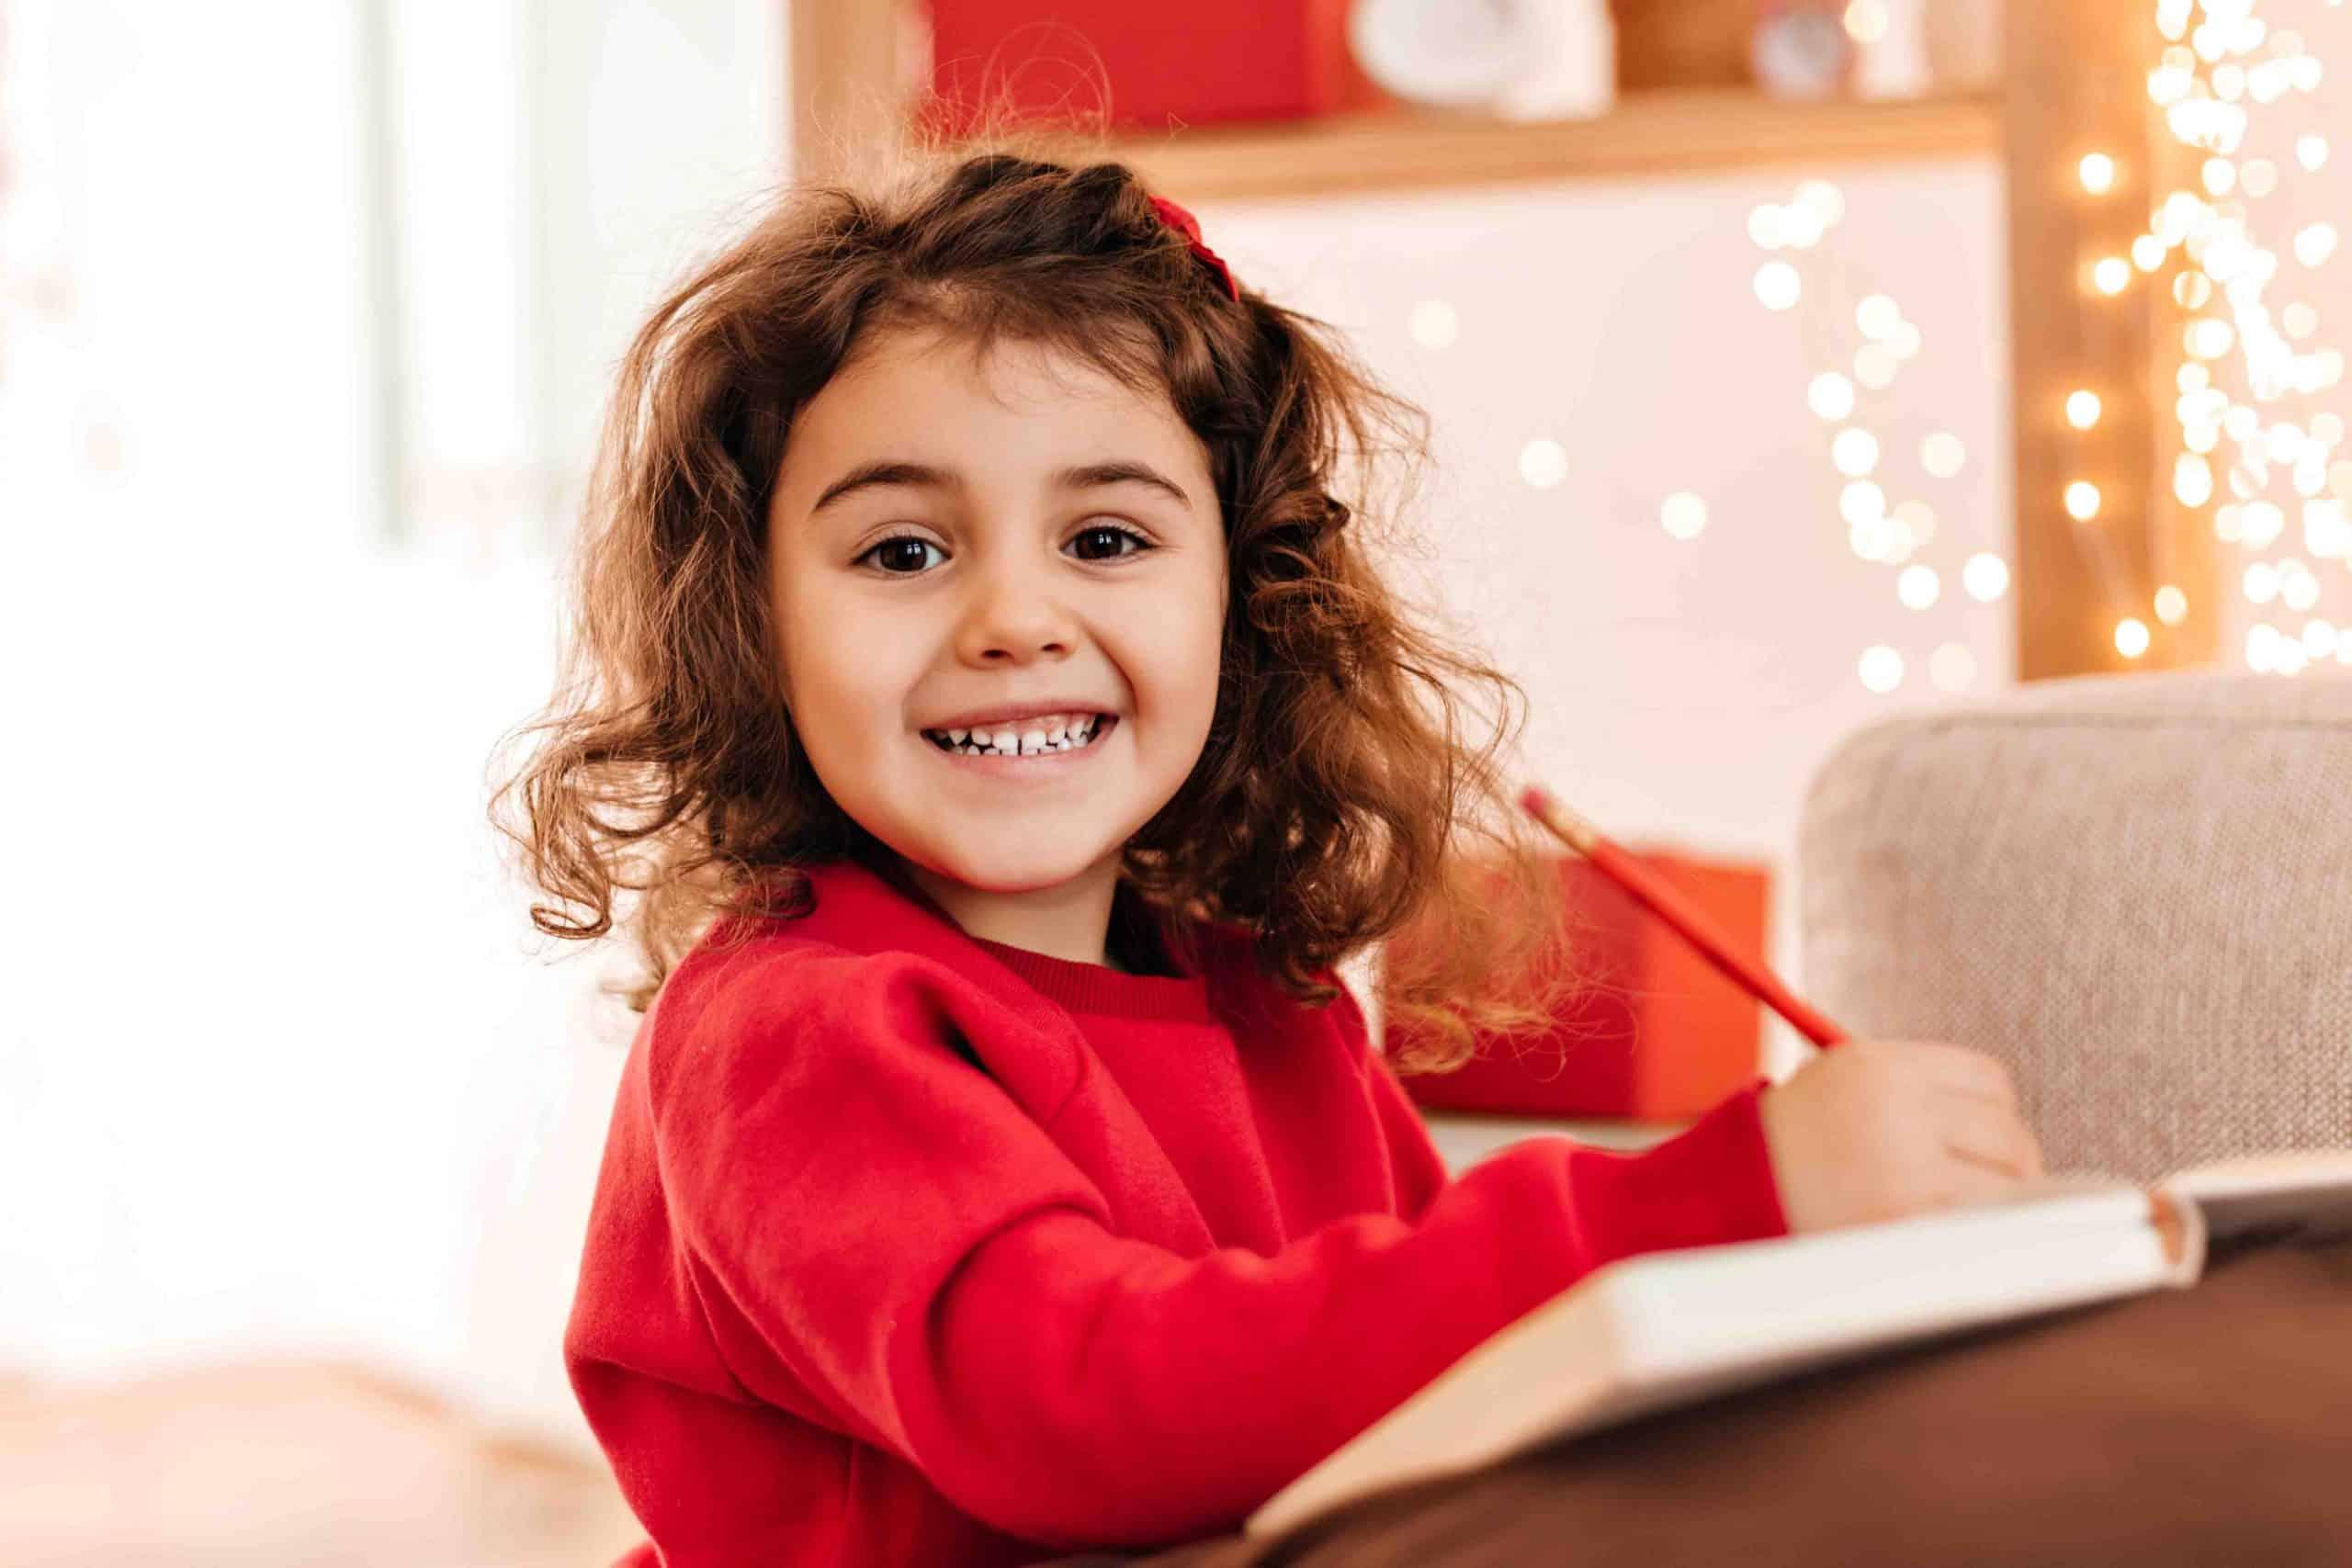 51 Positive Affirmations For Kids For A Positive Mindset